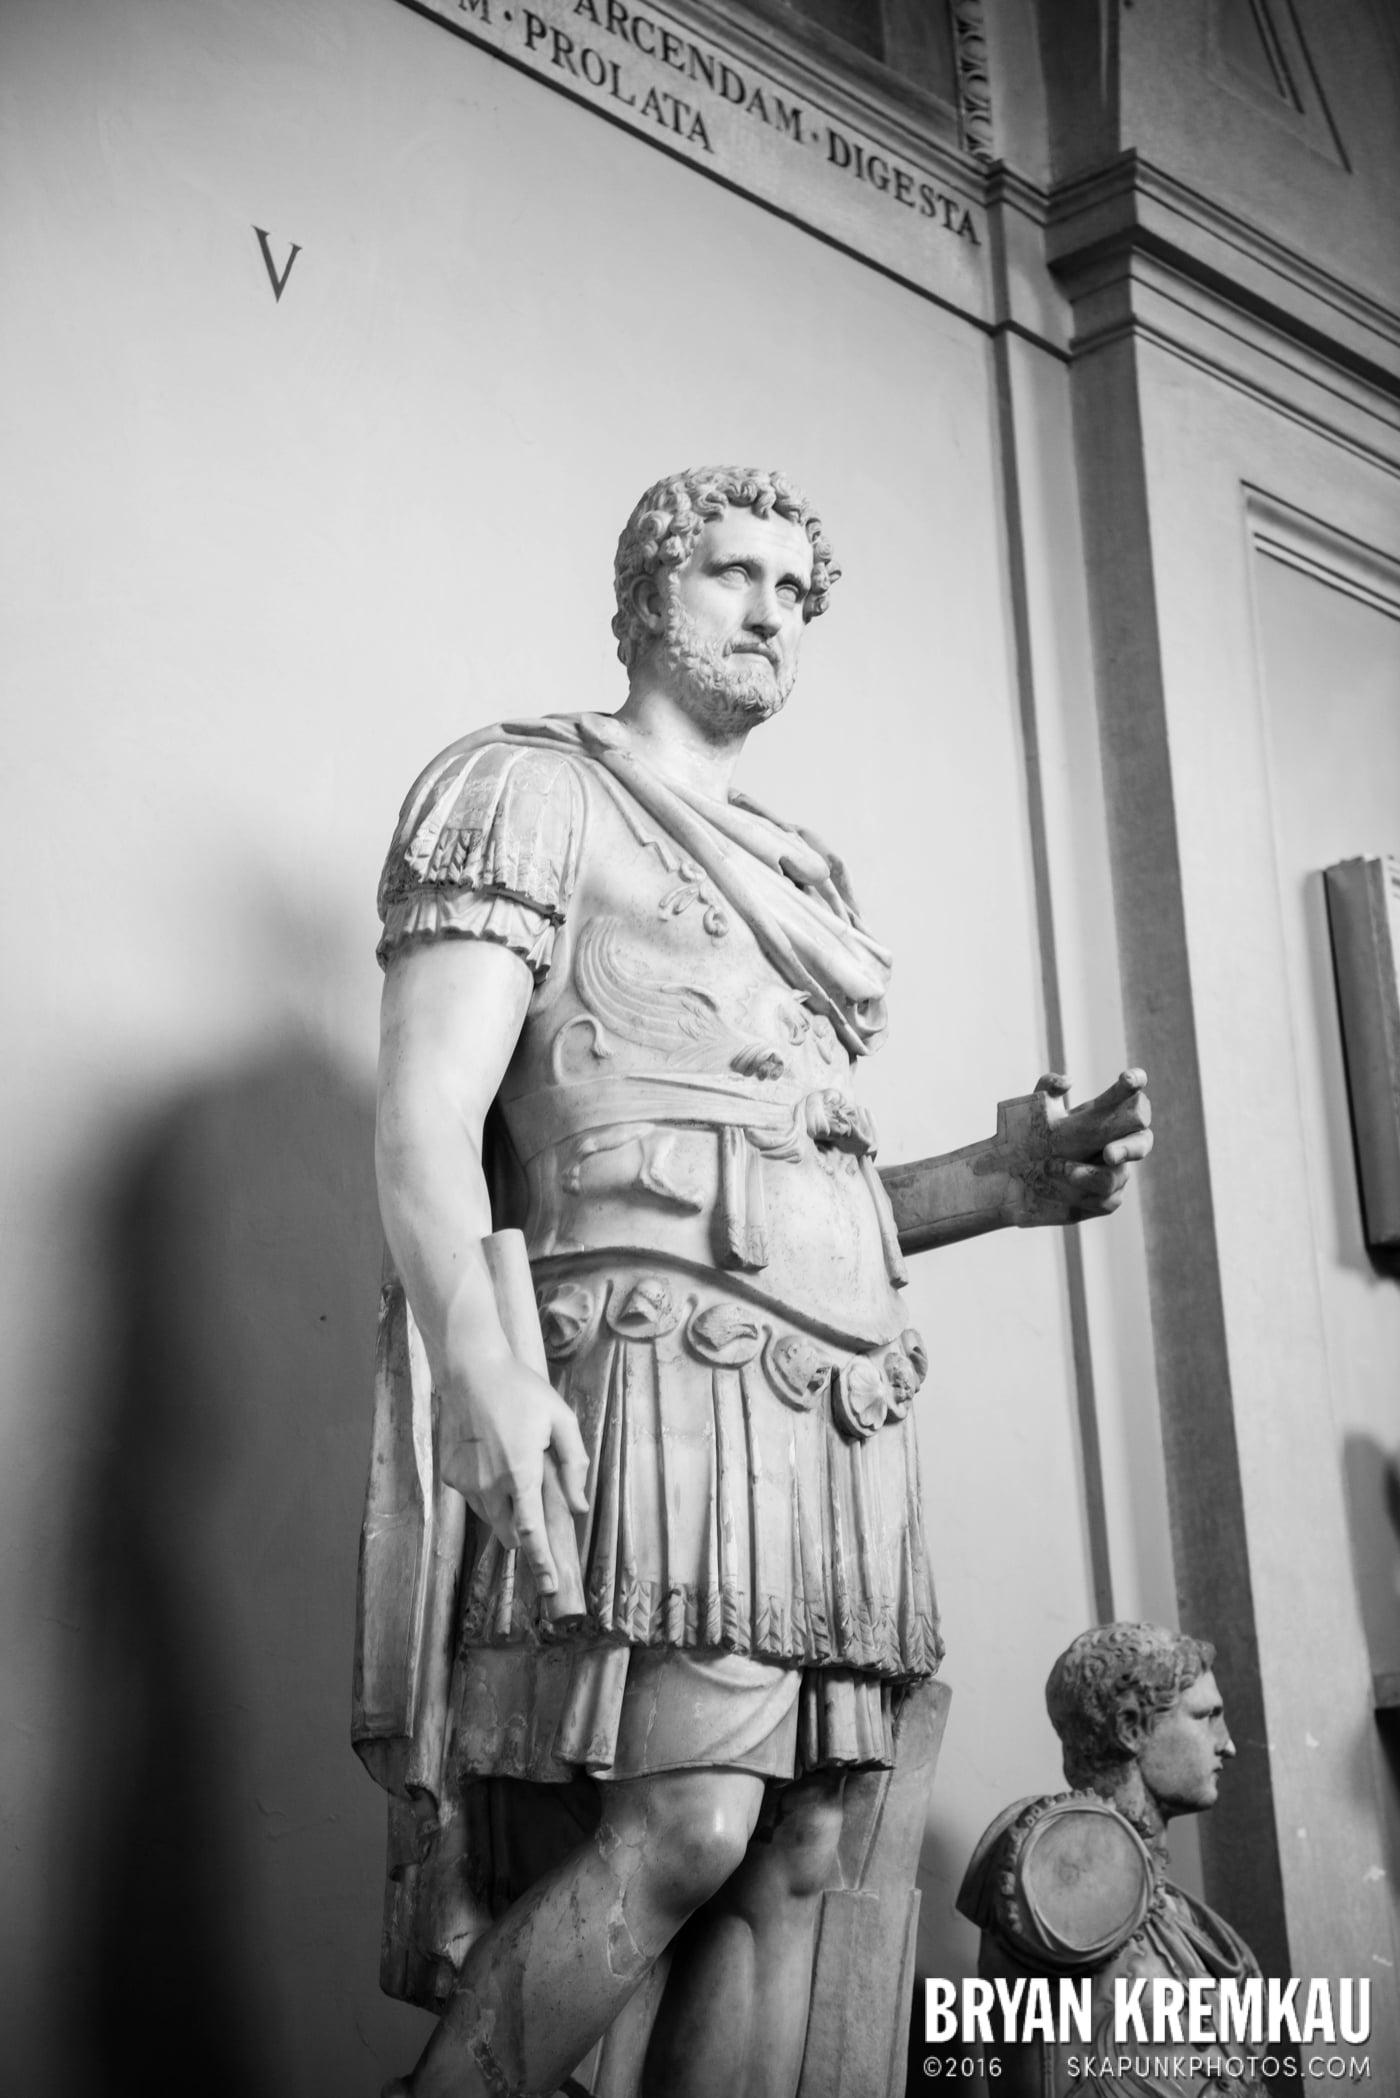 Italy Vacation - Day 3: Rome - 9.11.13 (60)